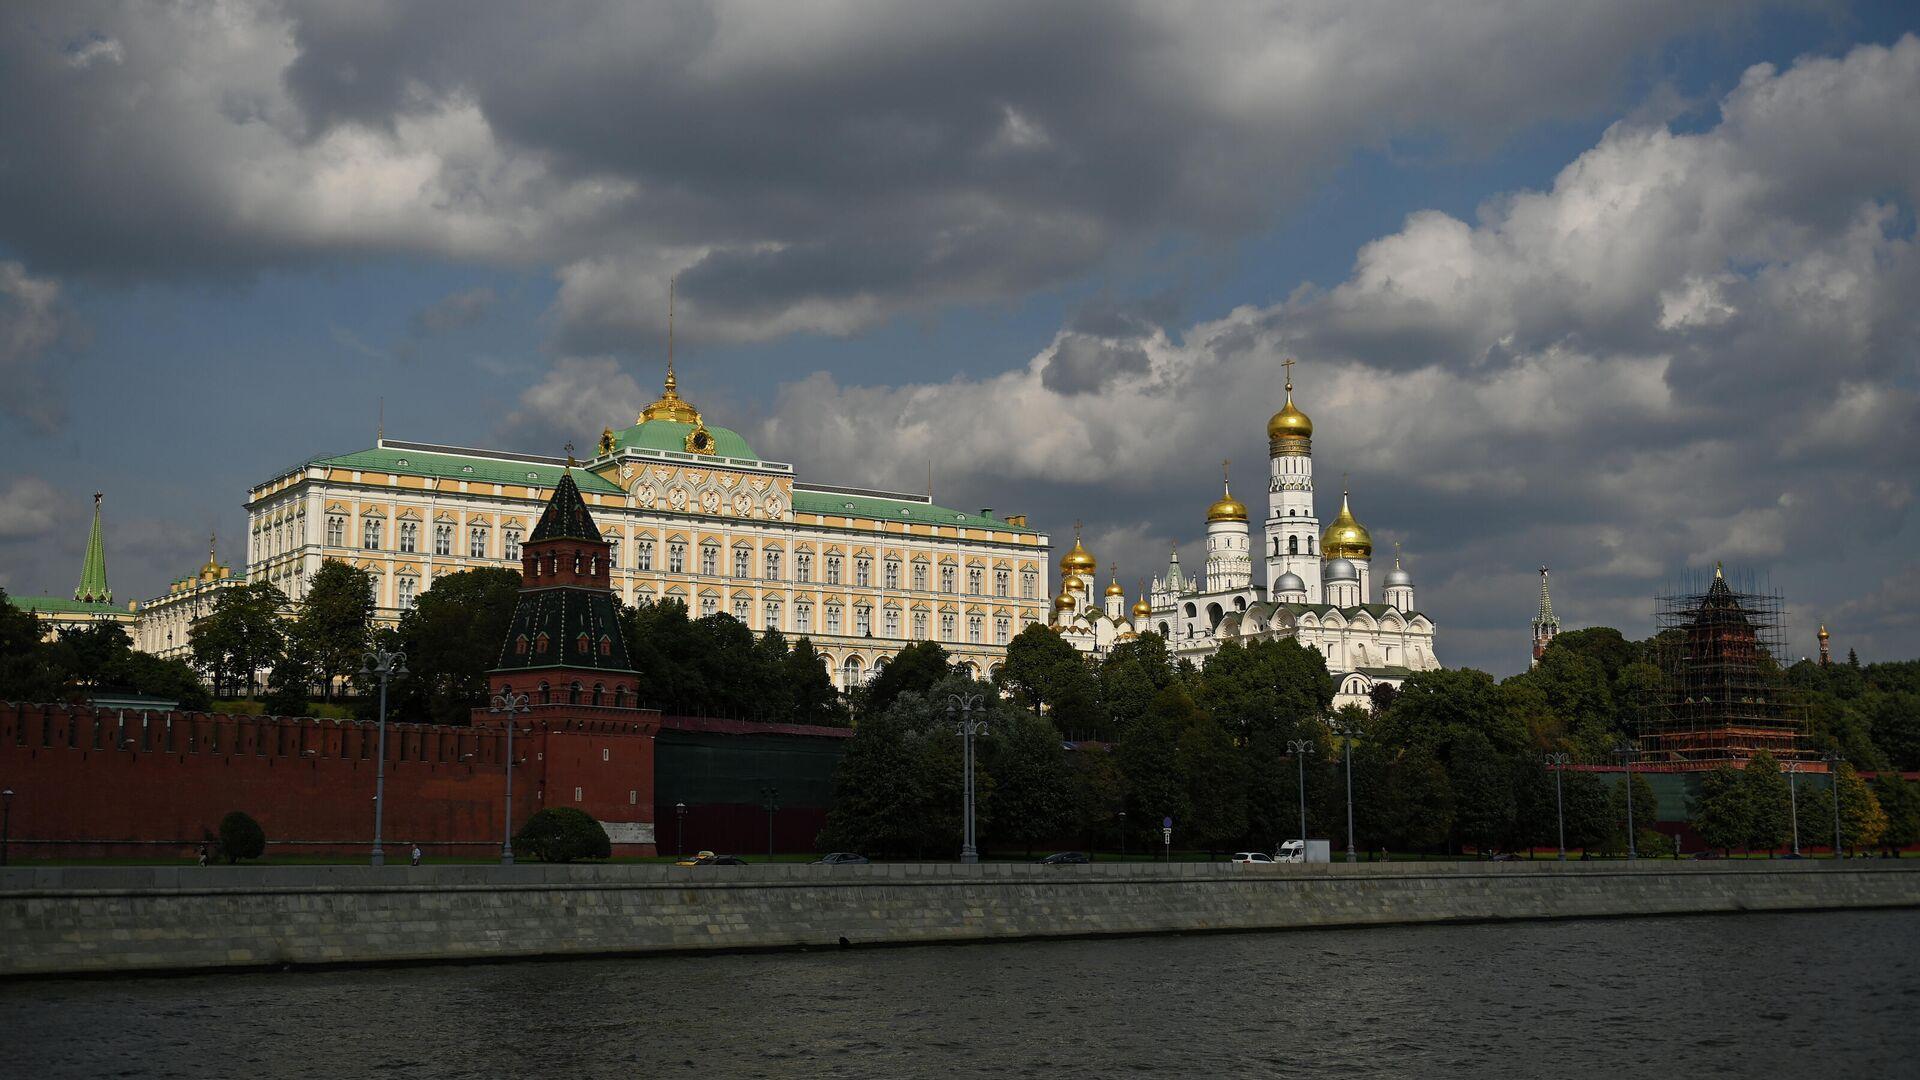 Velika kremaljska palata, Sabor Arhangela Mihaila i zvonik Ivana Groznog u Kremlju - Sputnik Srbija, 1920, 26.09.2021